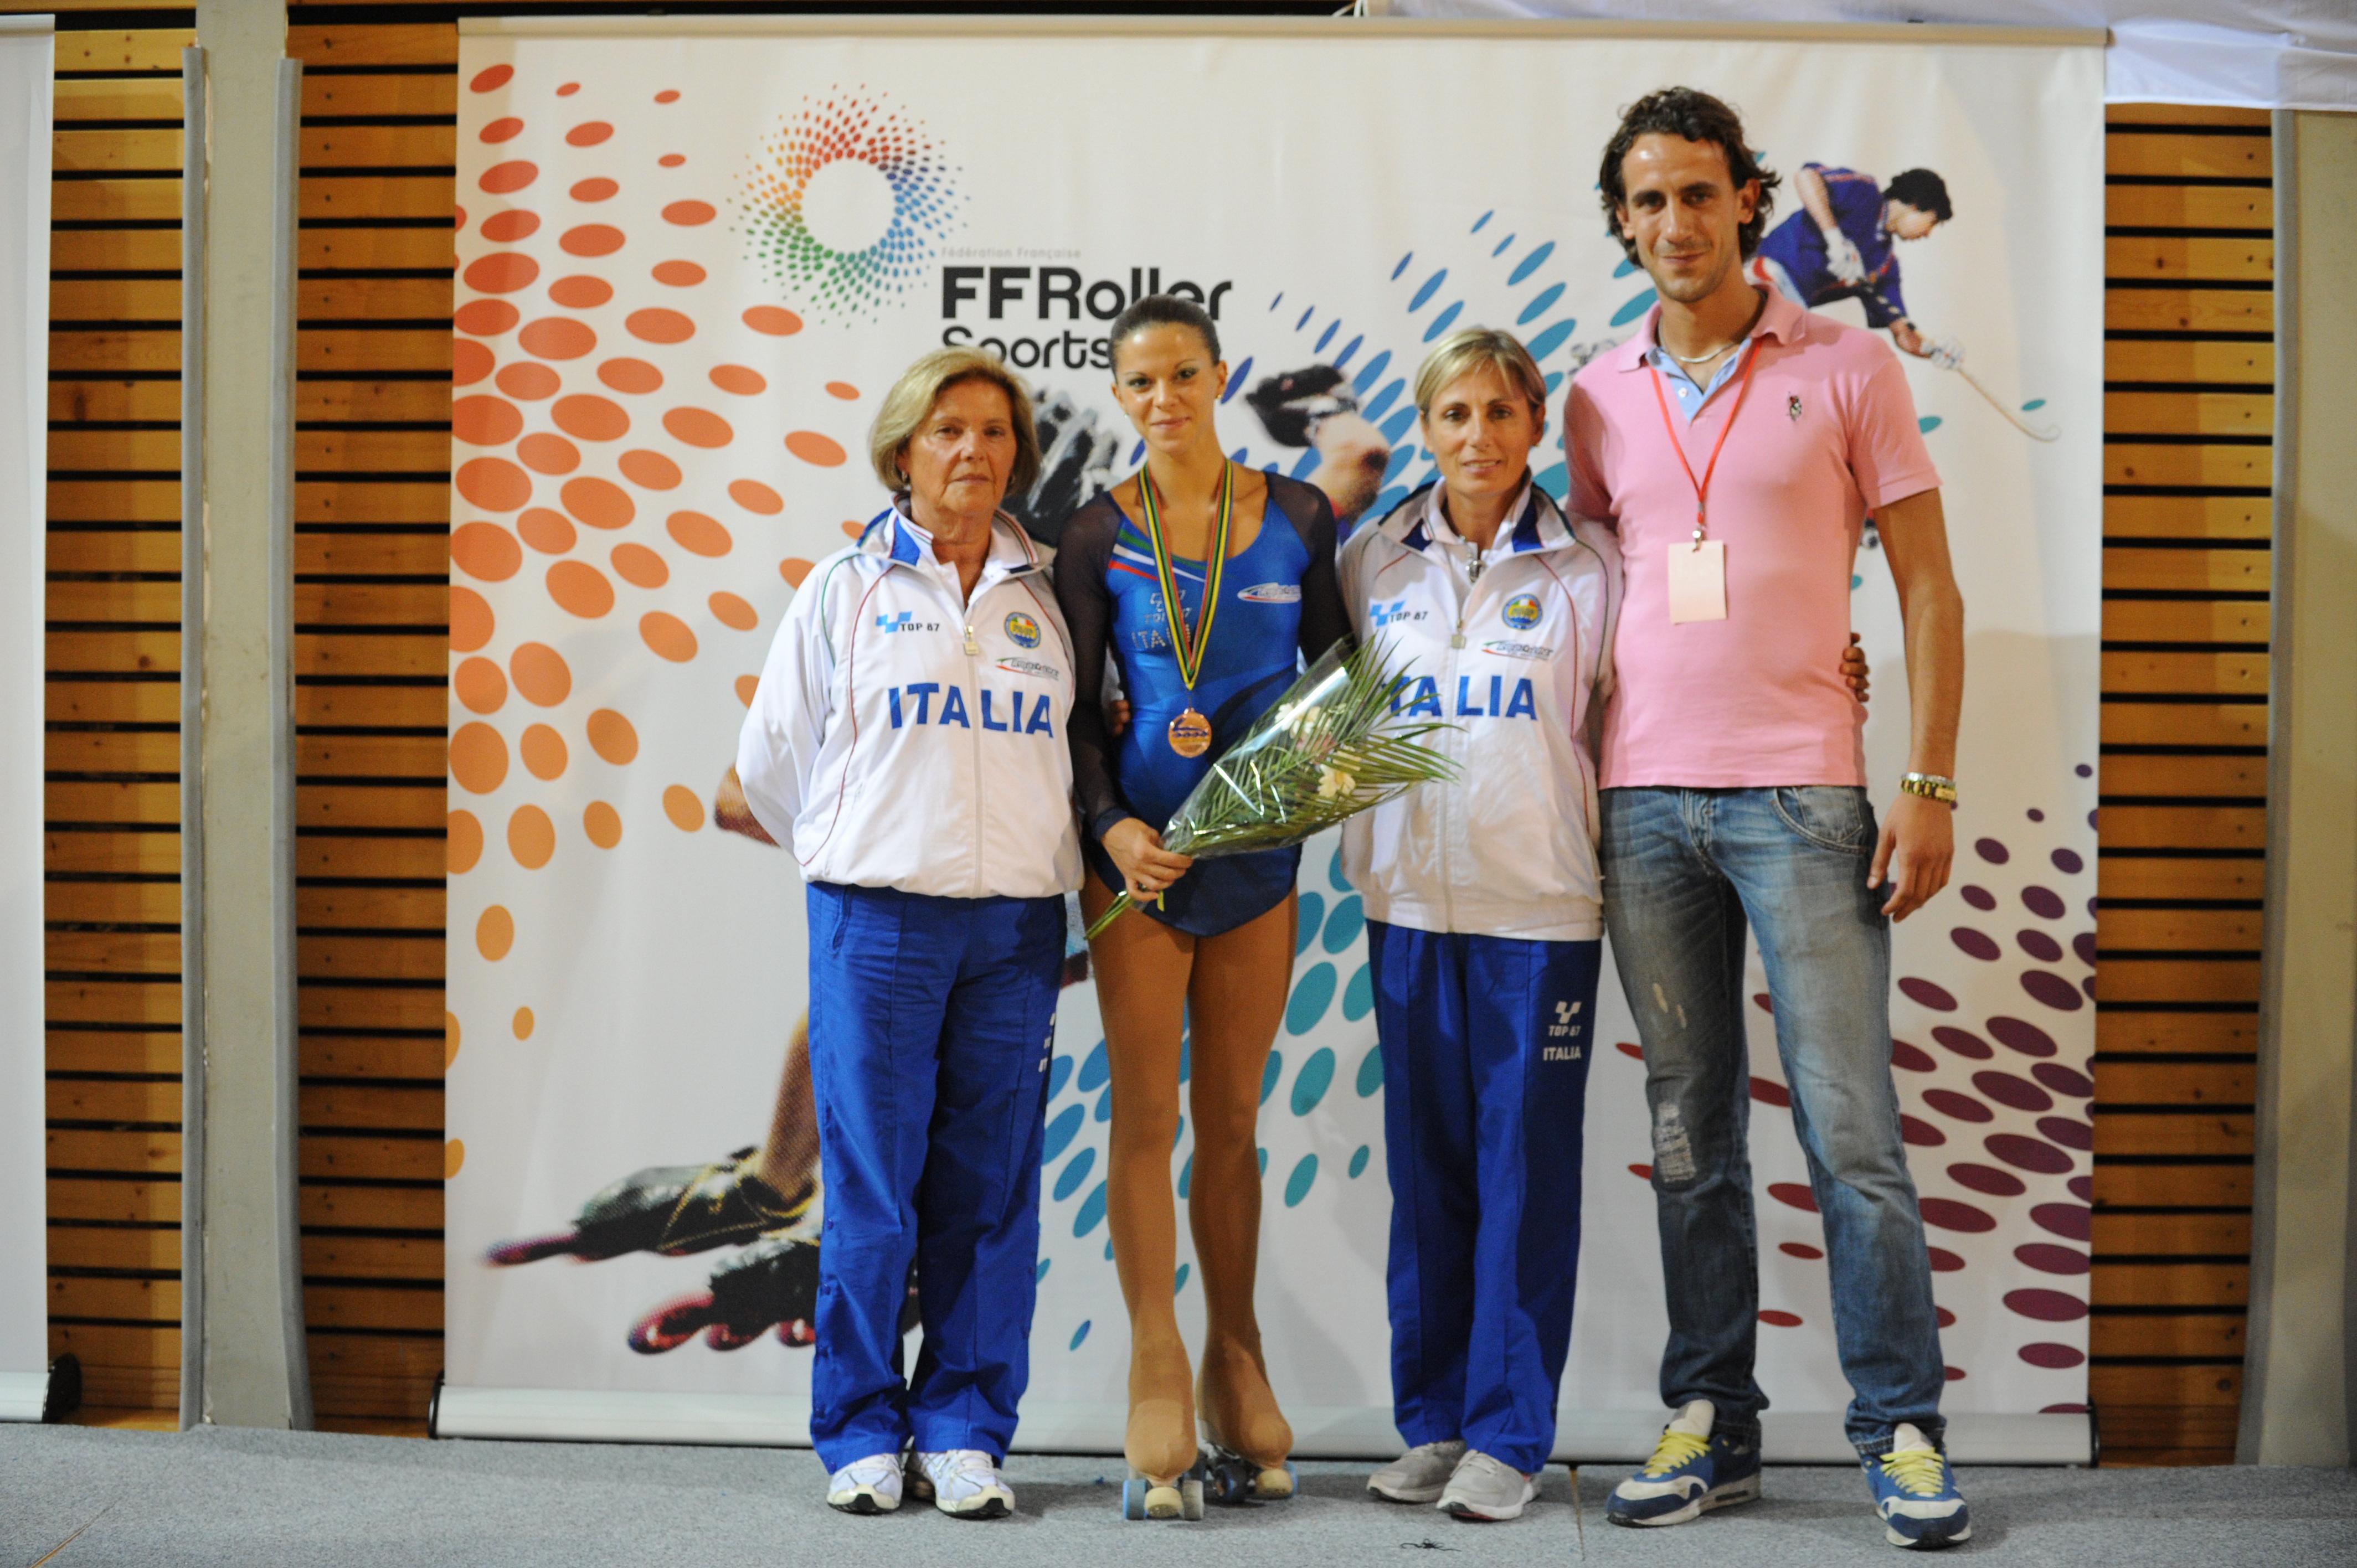 Europei 2012 - Noemi Mattina con Sebastiano Pastorini e parte dello staff